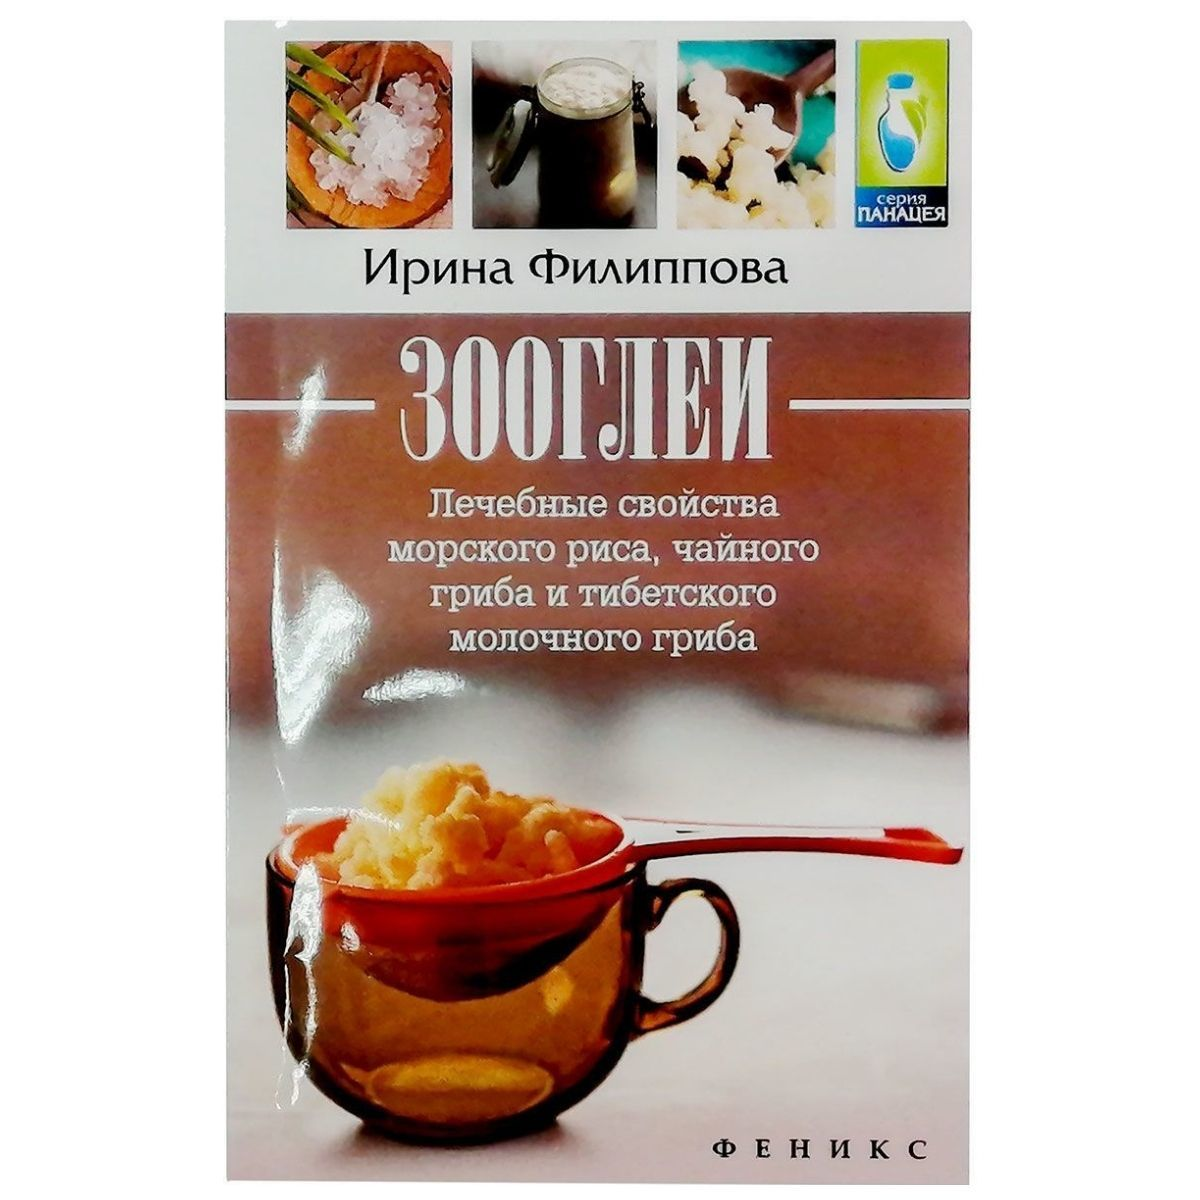 «Зооглеи: лечебные свойства морского риса, чайного гриба и тибетского молочного гриба» Филиппова Ирина